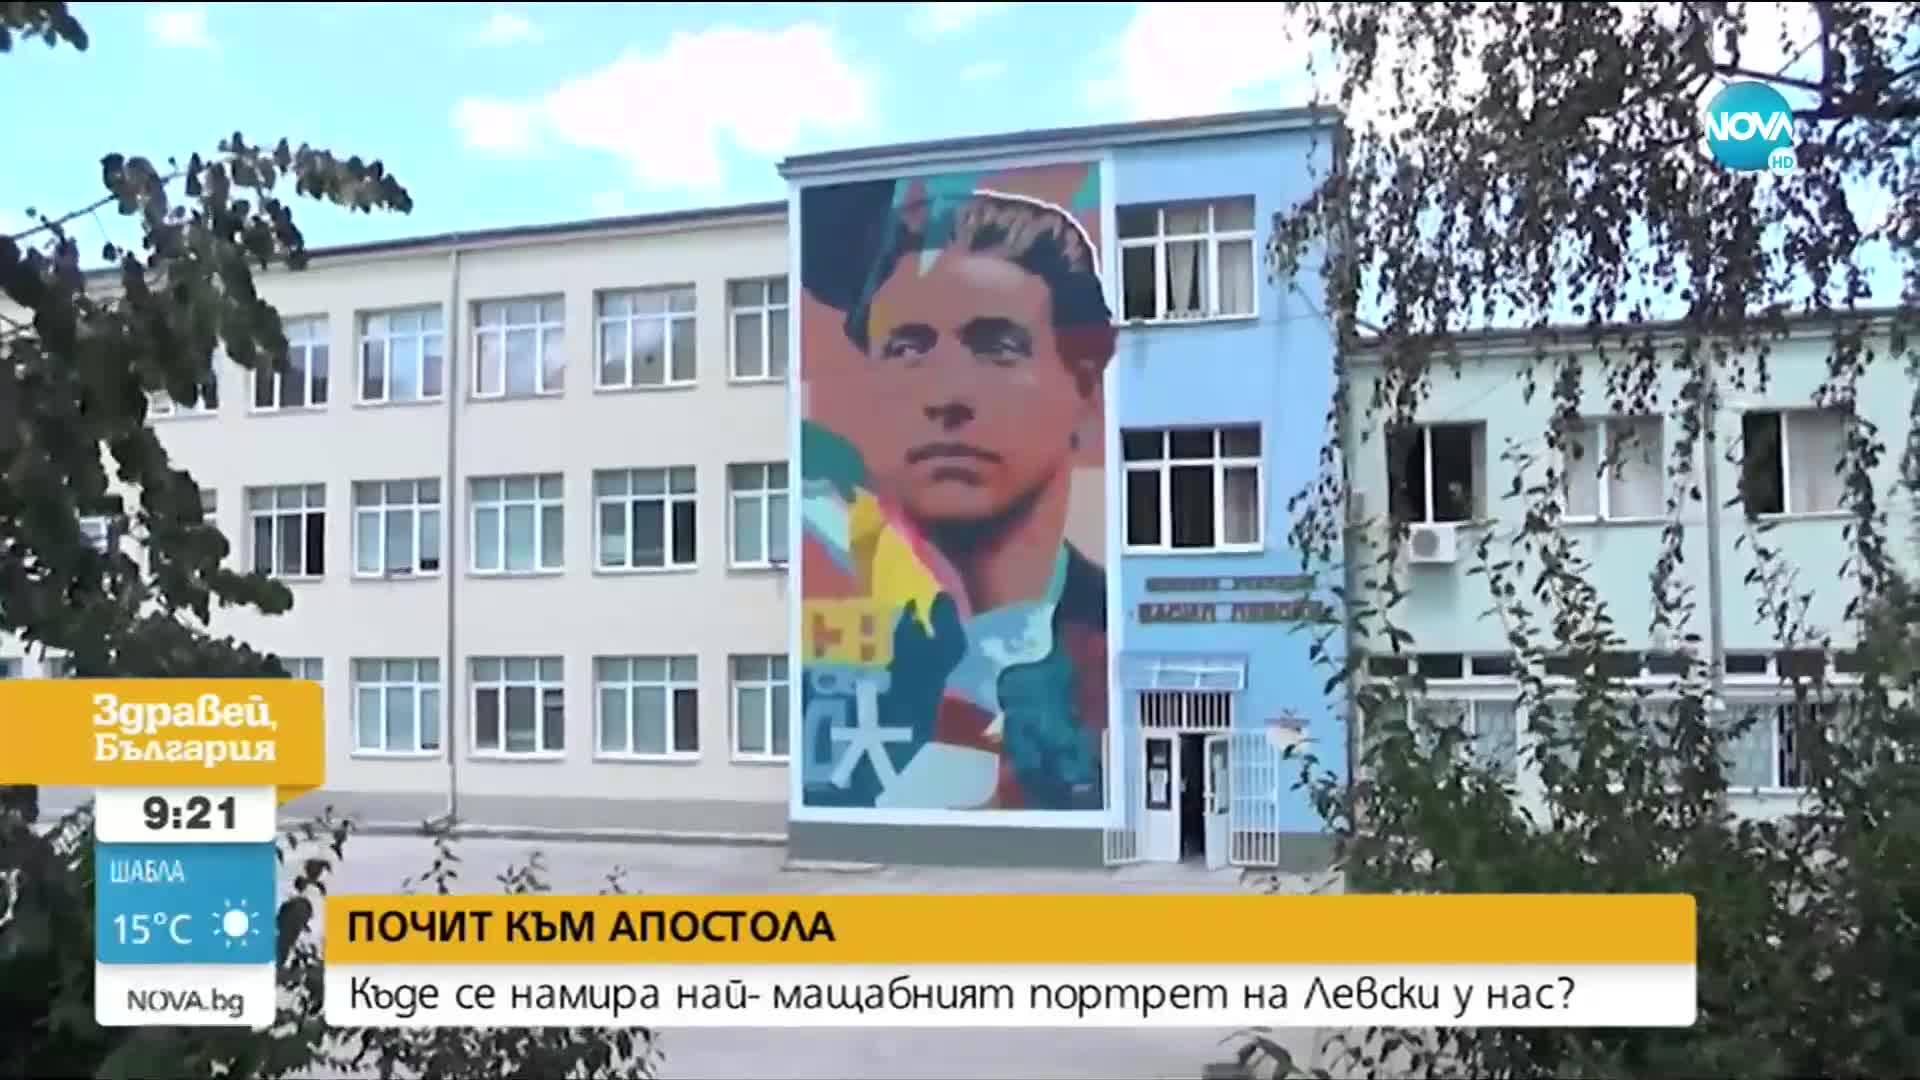 Къде се намира най- мащабният портрет на Левски у нас?